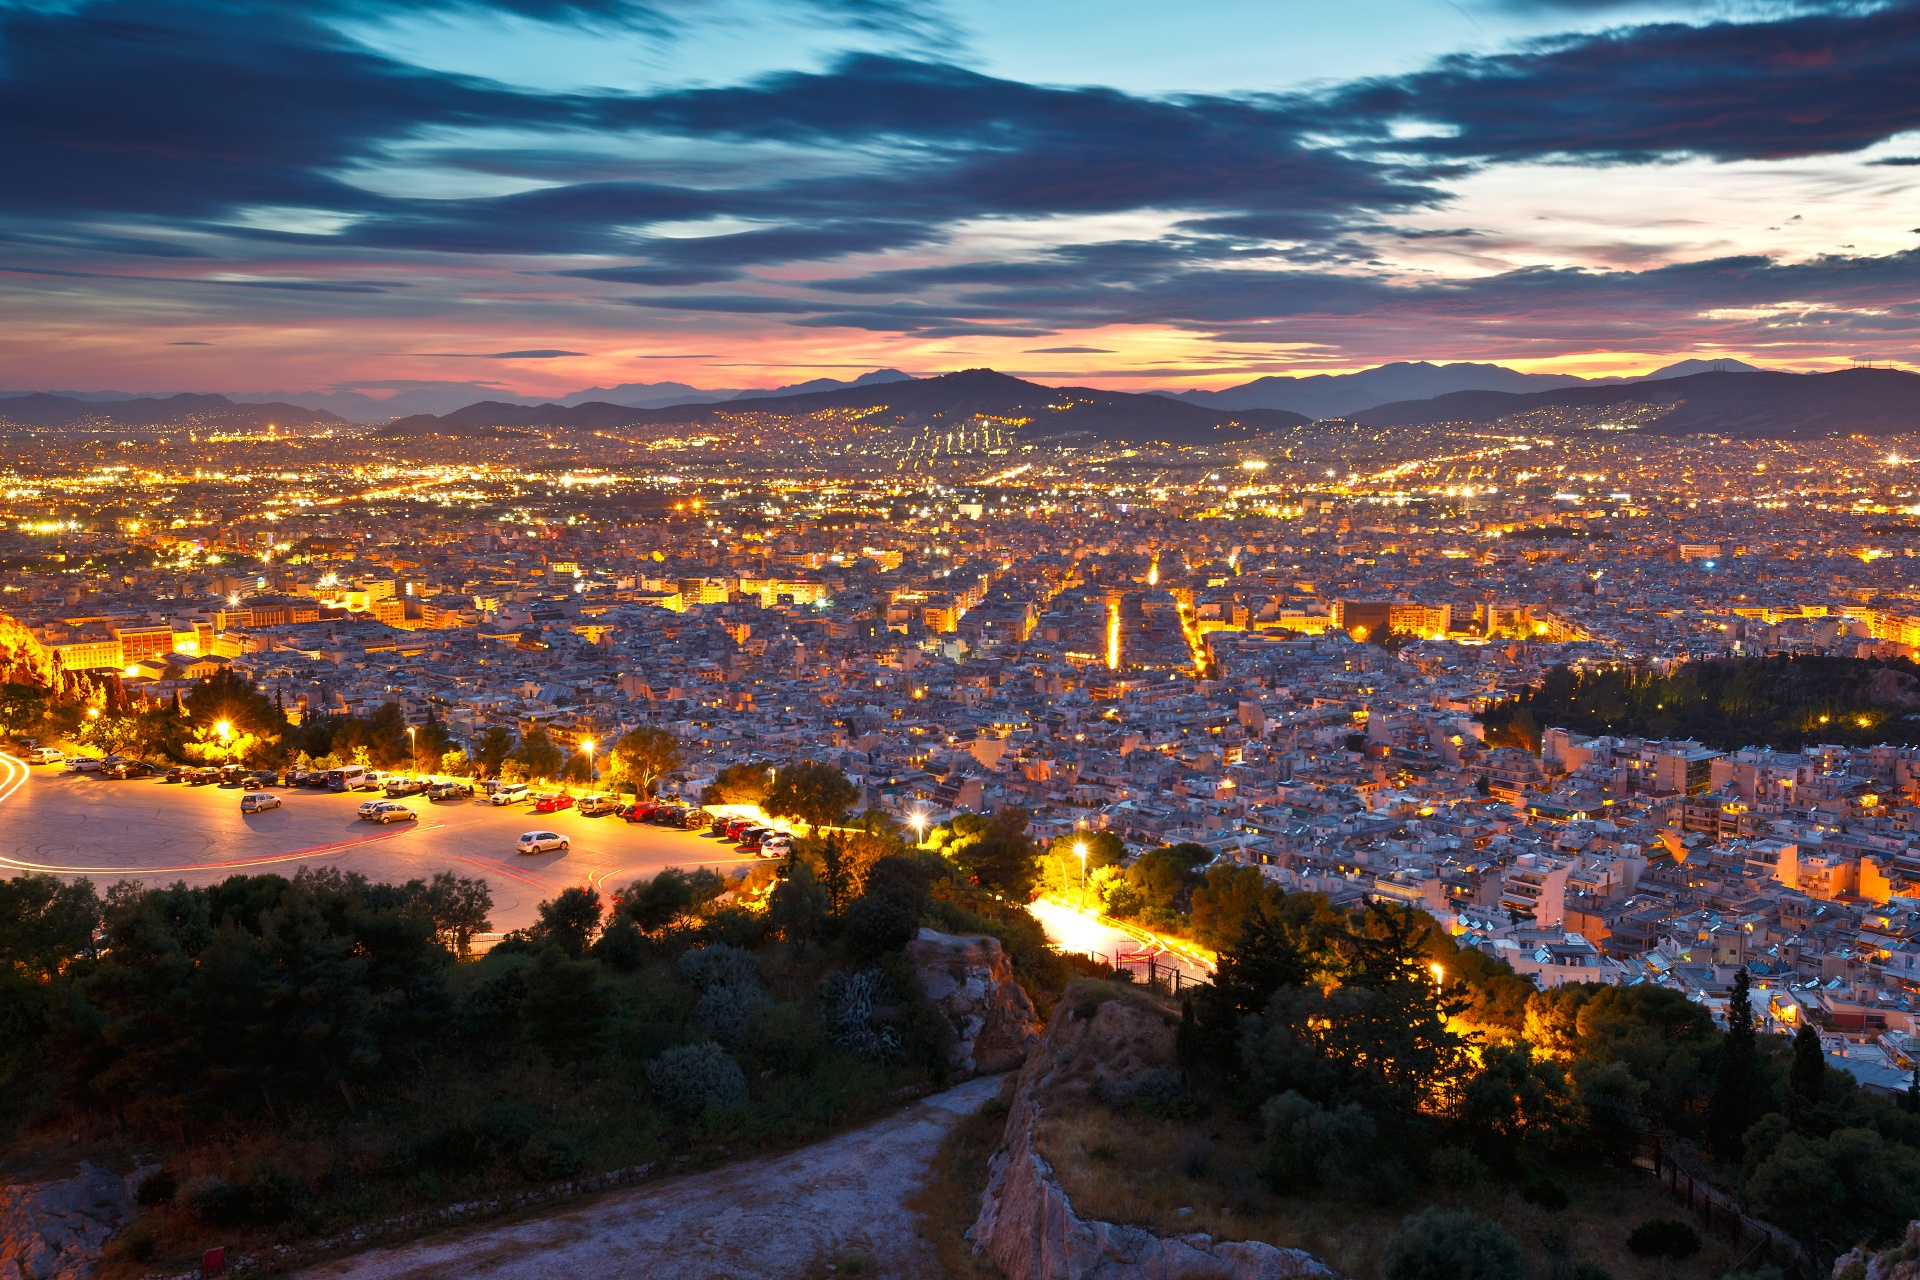 リカヴィトスの丘の風景 ギリシャの風景